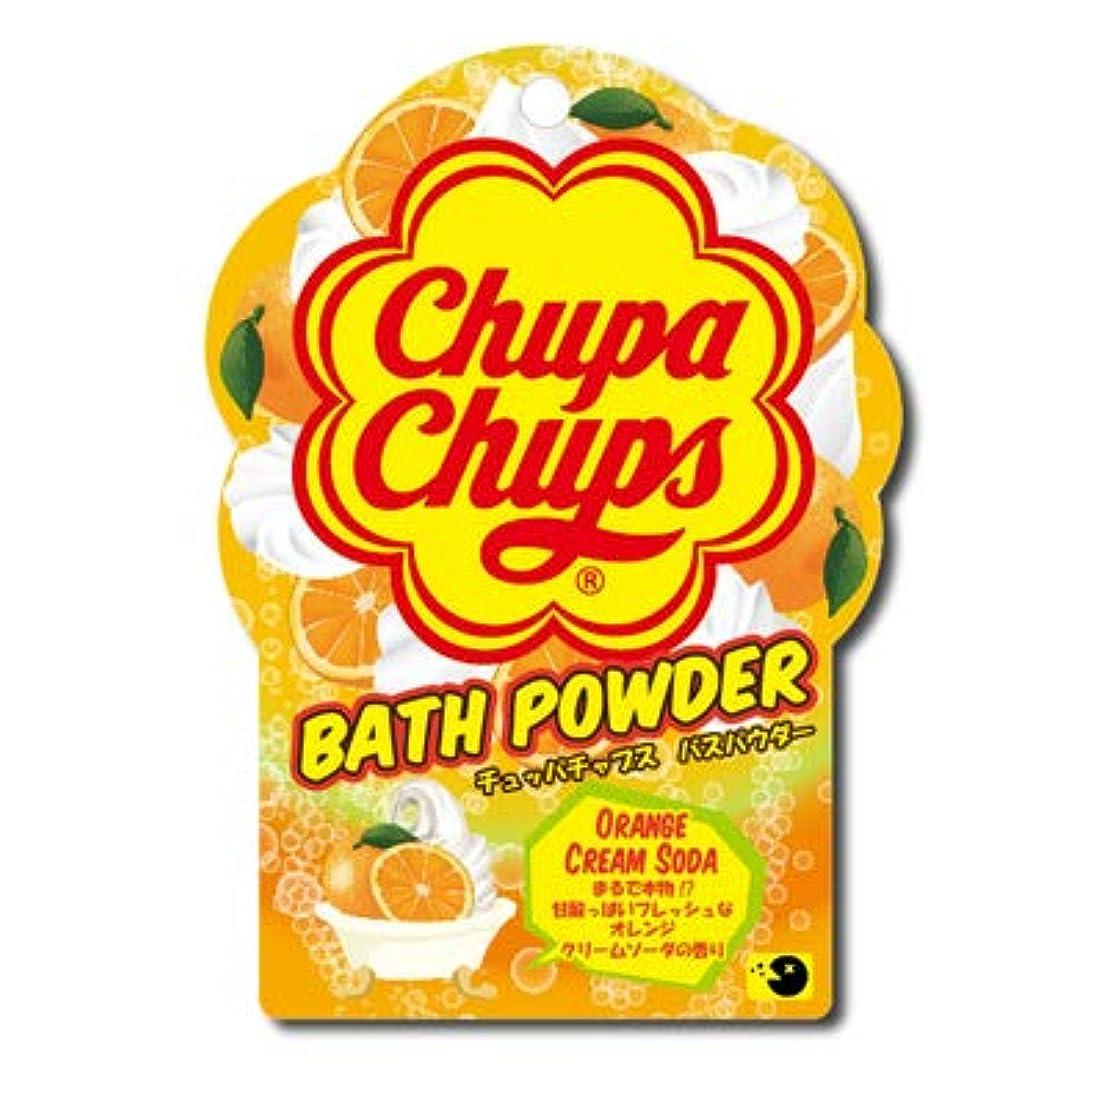 第五まっすぐにするダイヤル【まとめ買い6個セット】 チュッパチャプスバスパウダー オレンジクリームソーダ